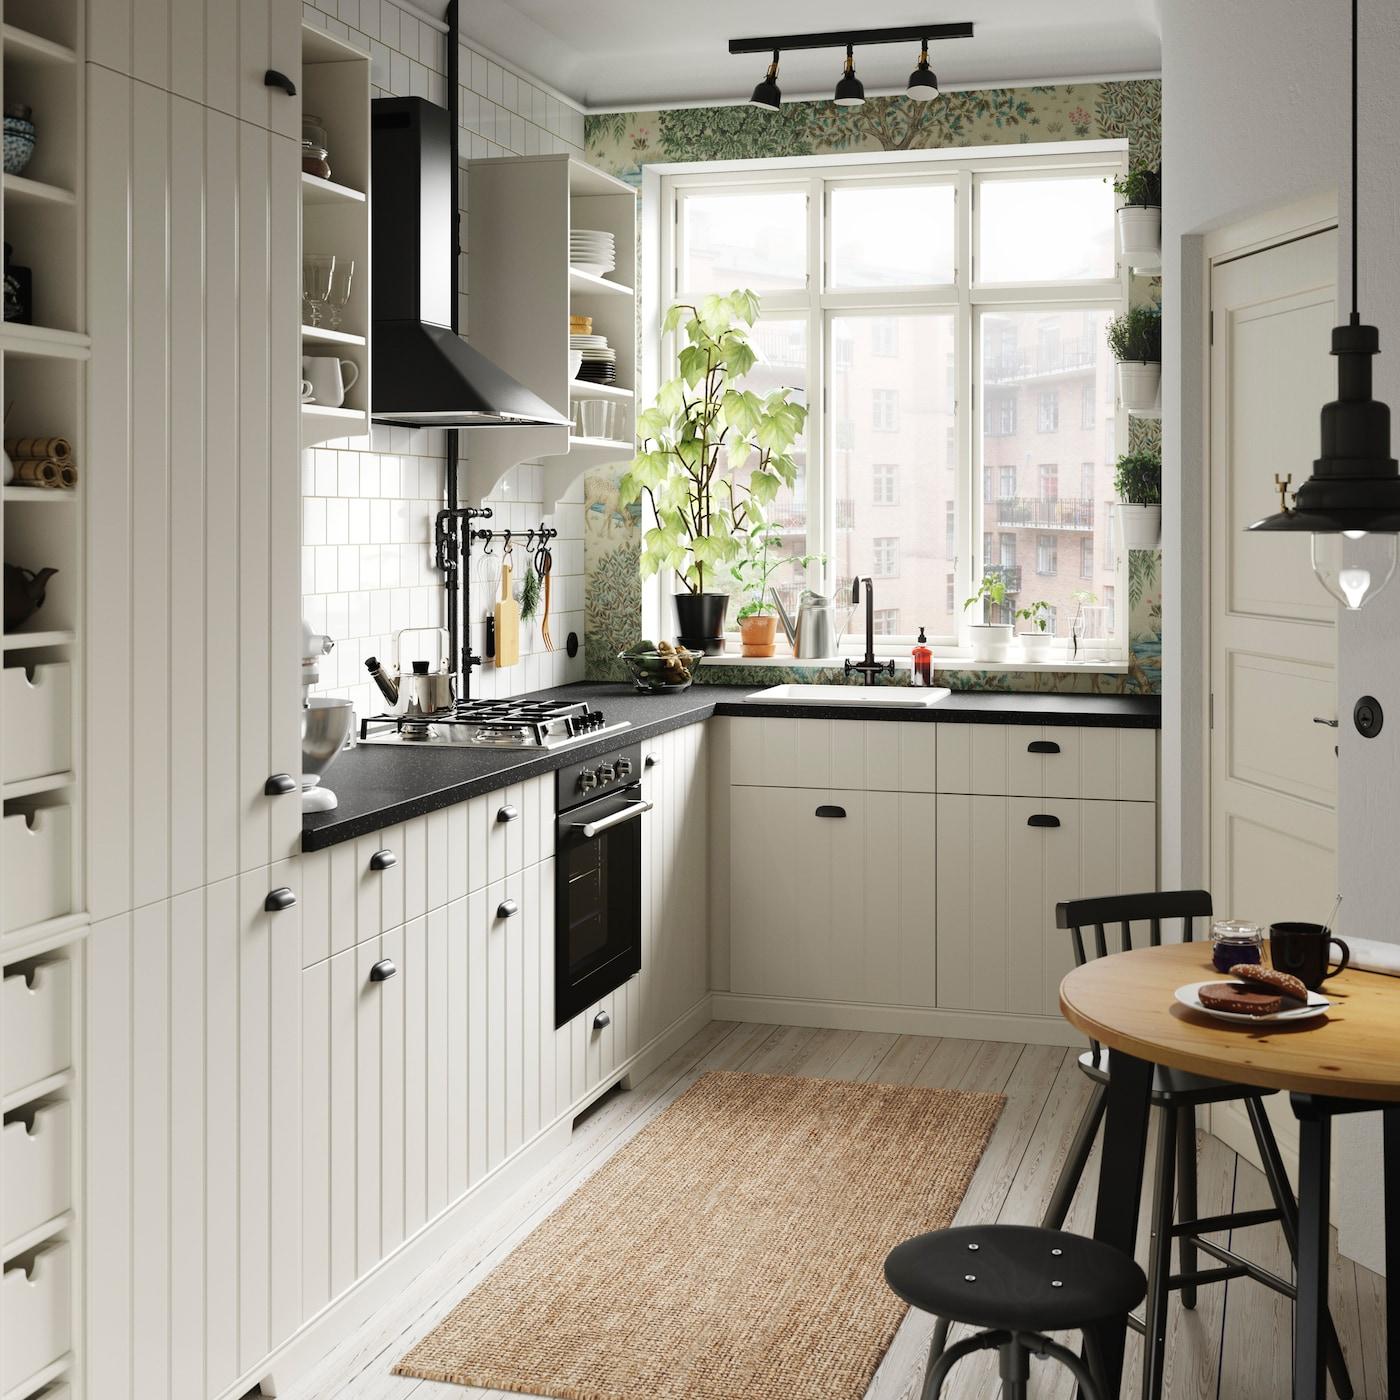 تضفي واجهات أبواب المطبخ HITTARP من ايكيا بشكل شرائح باللون الأبيض نمط المنزل الريفي على هذا المطبخ الصغير.